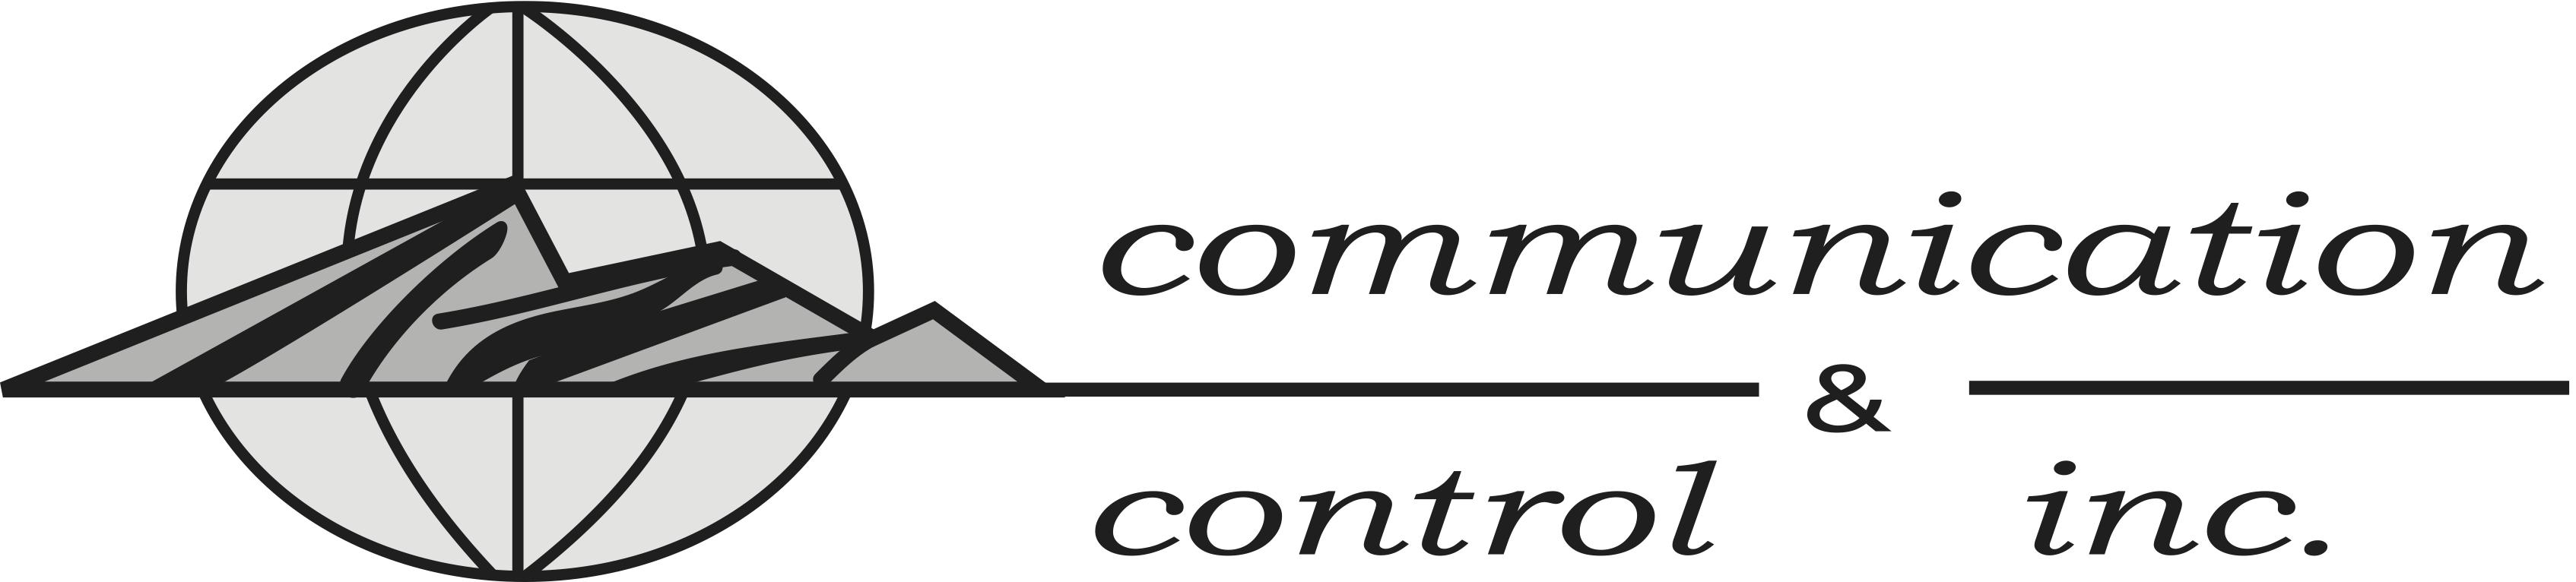 cci_BW_logo